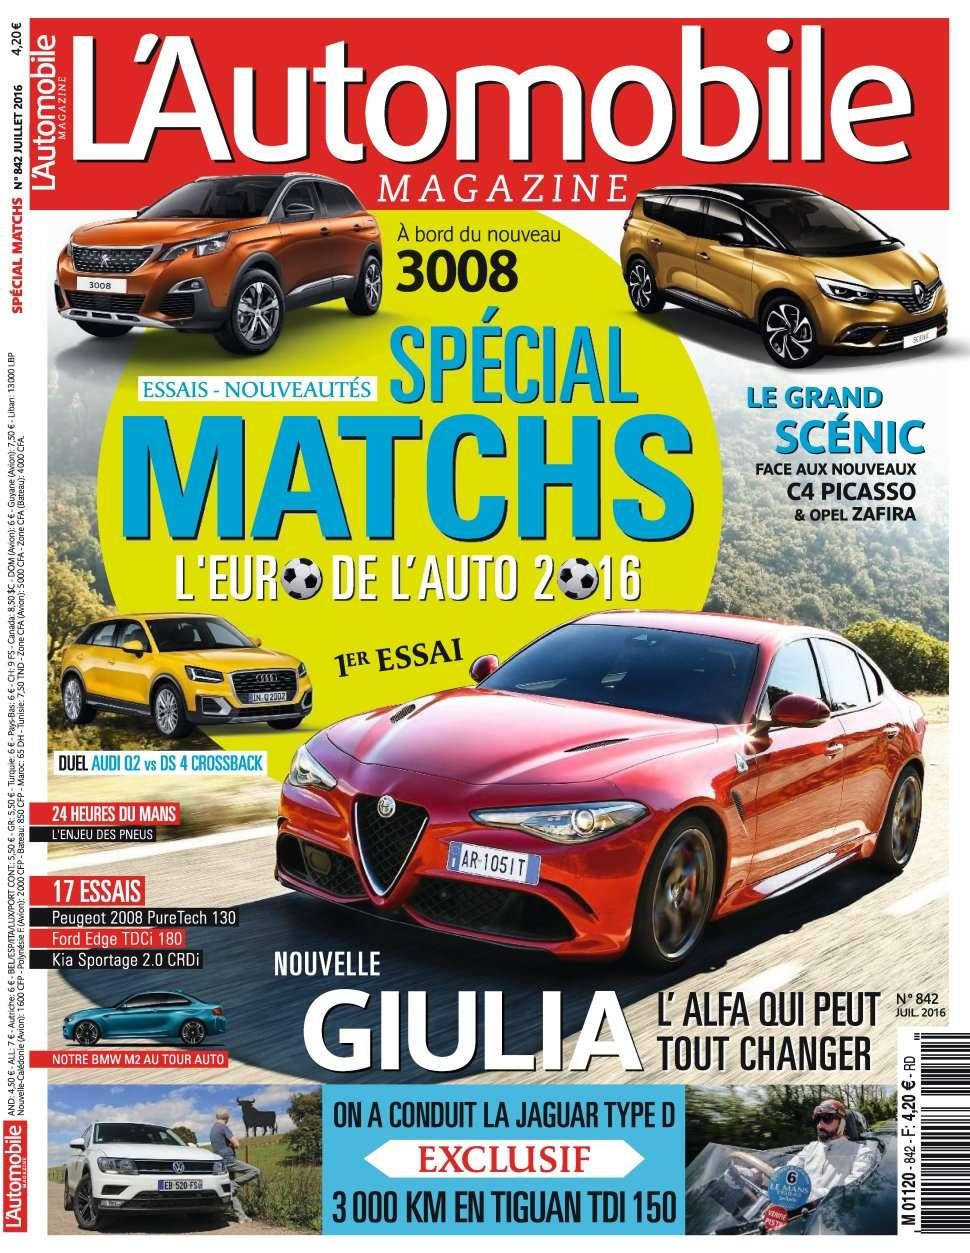 L'Automobile Magazine 842 - Juillet 2016